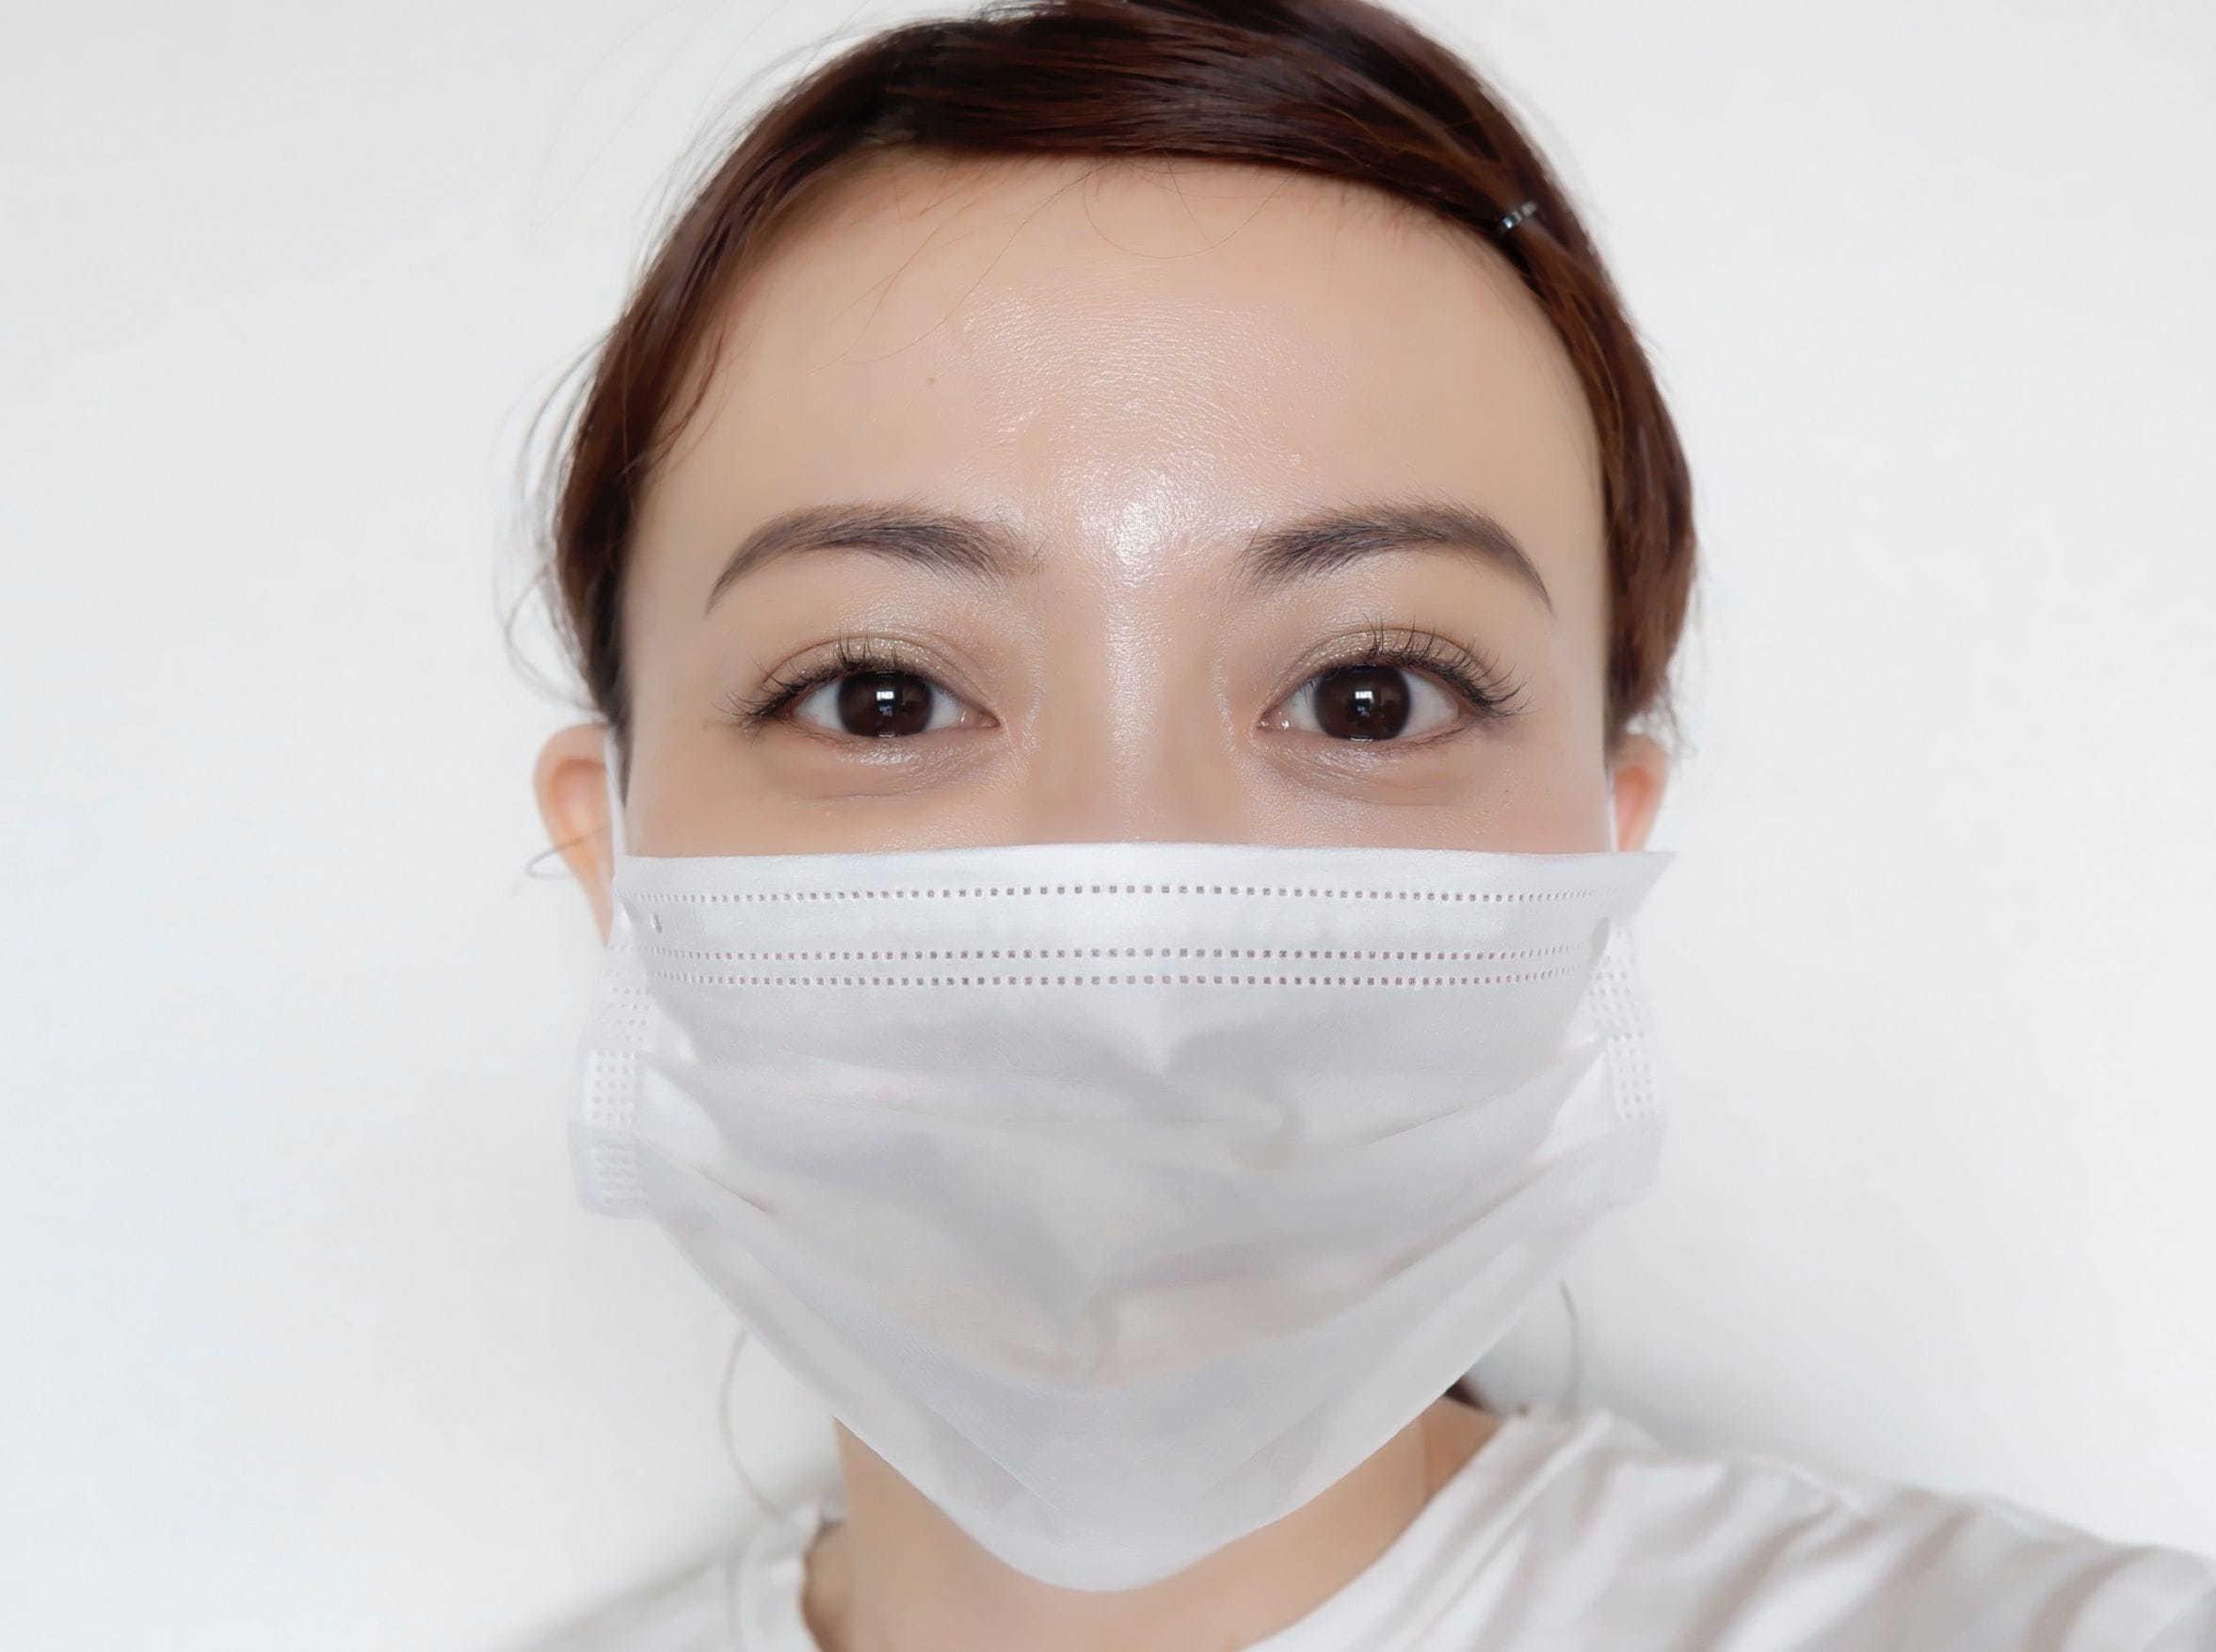 老け顔・怒り顔は眉毛のせいかも。マスクでも好印象を与えるプロおすすめ「アーチ眉」